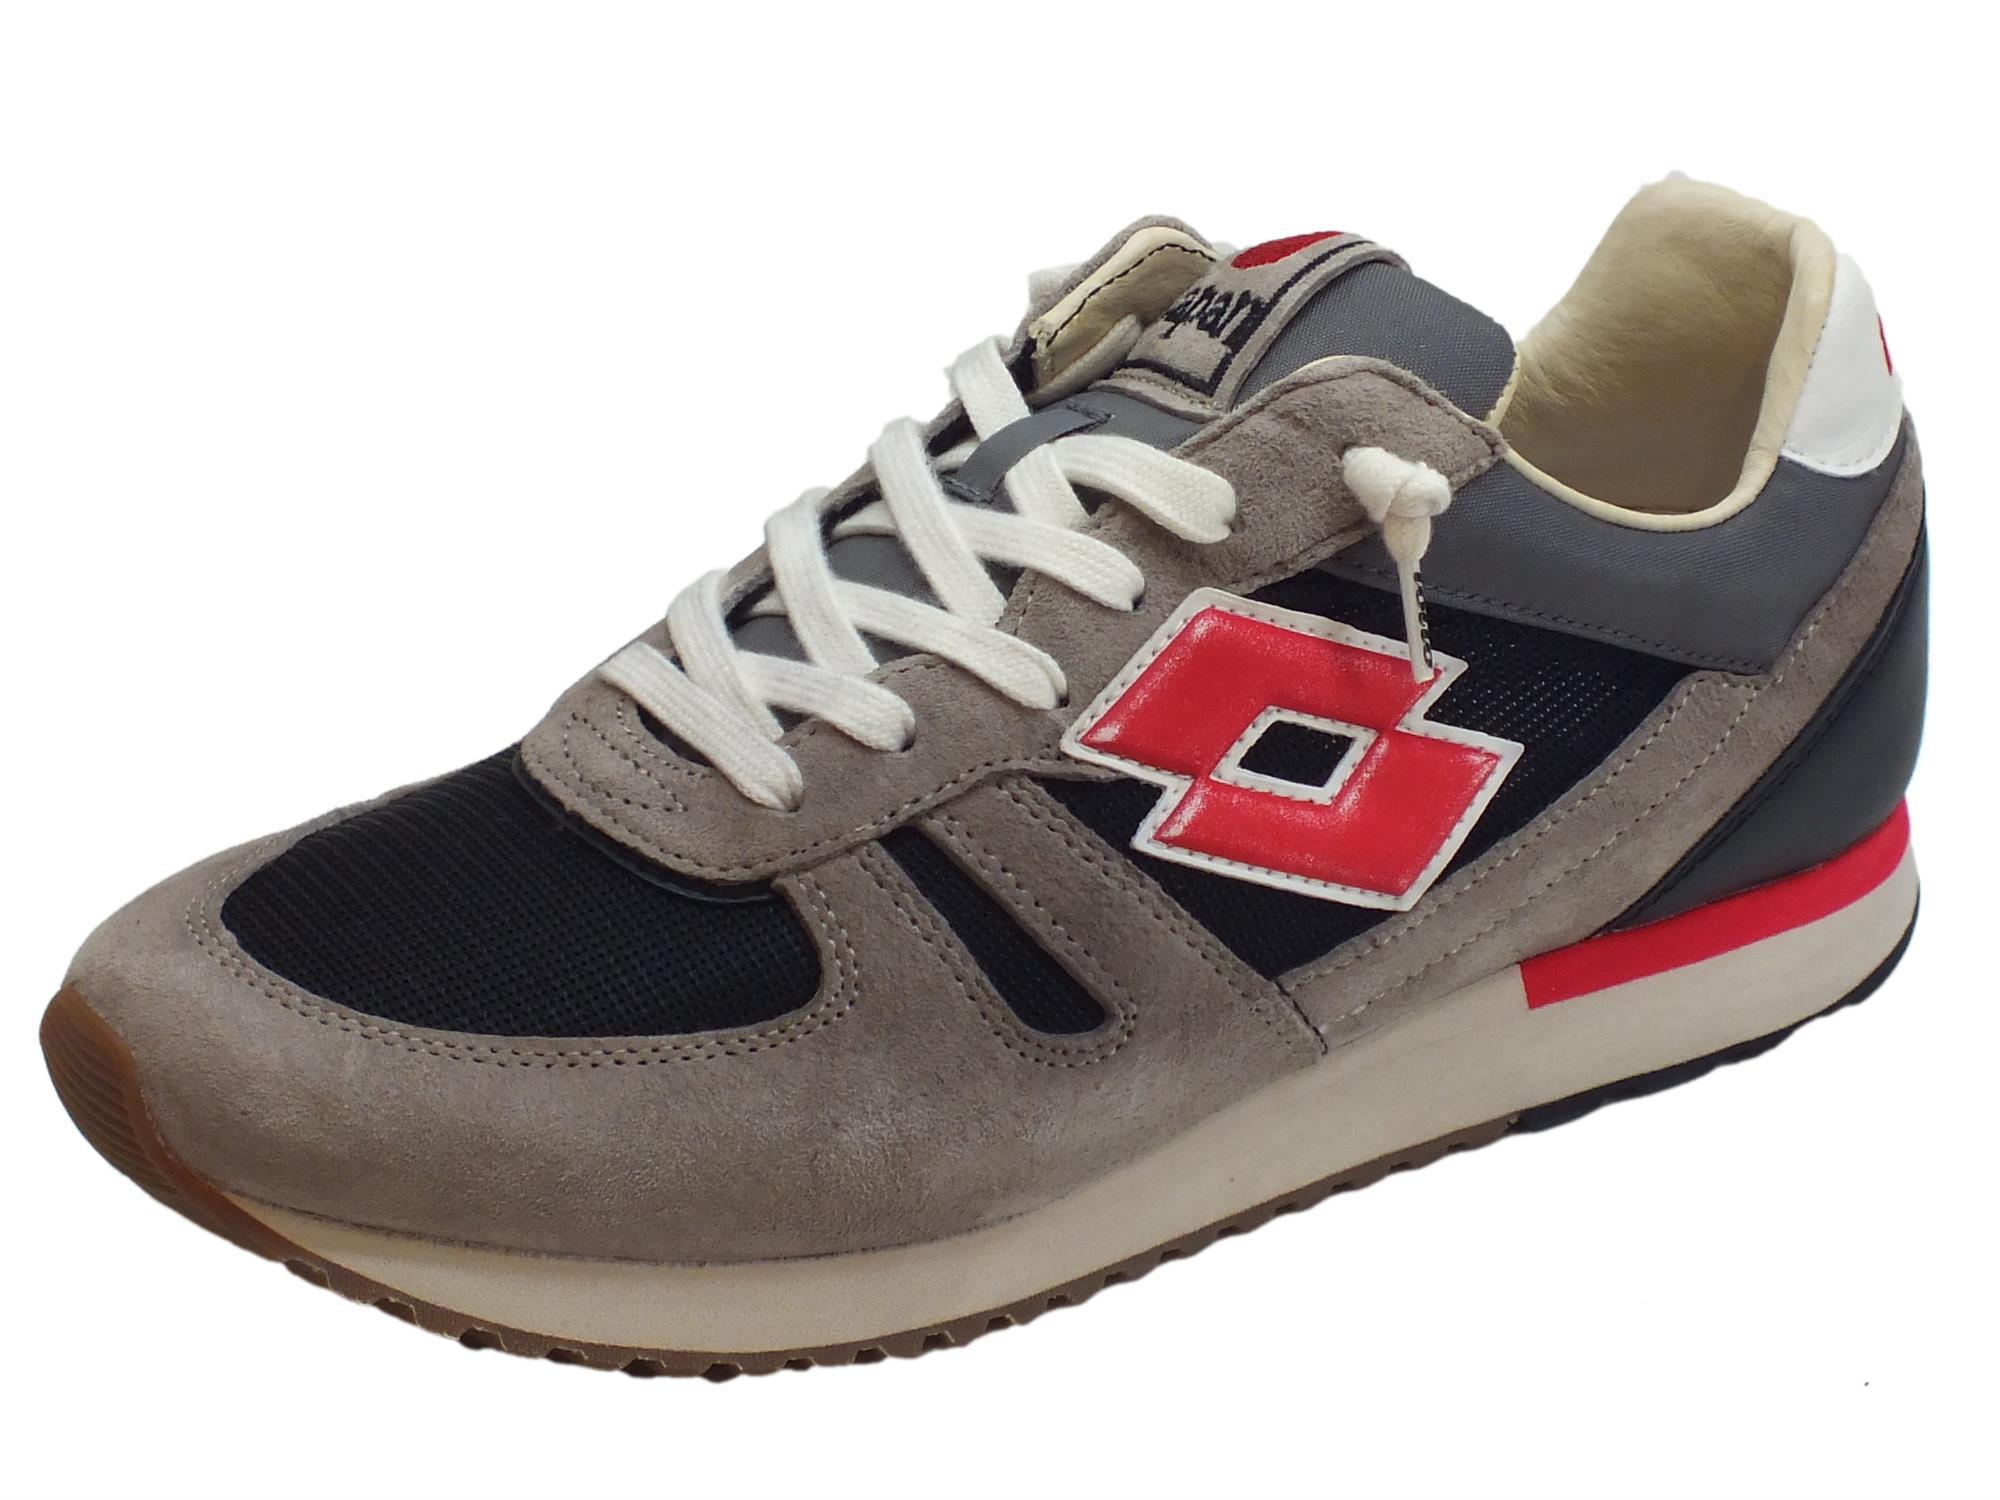 diversificato nella confezione sconto in vendita prezzo più basso lotto scarpe